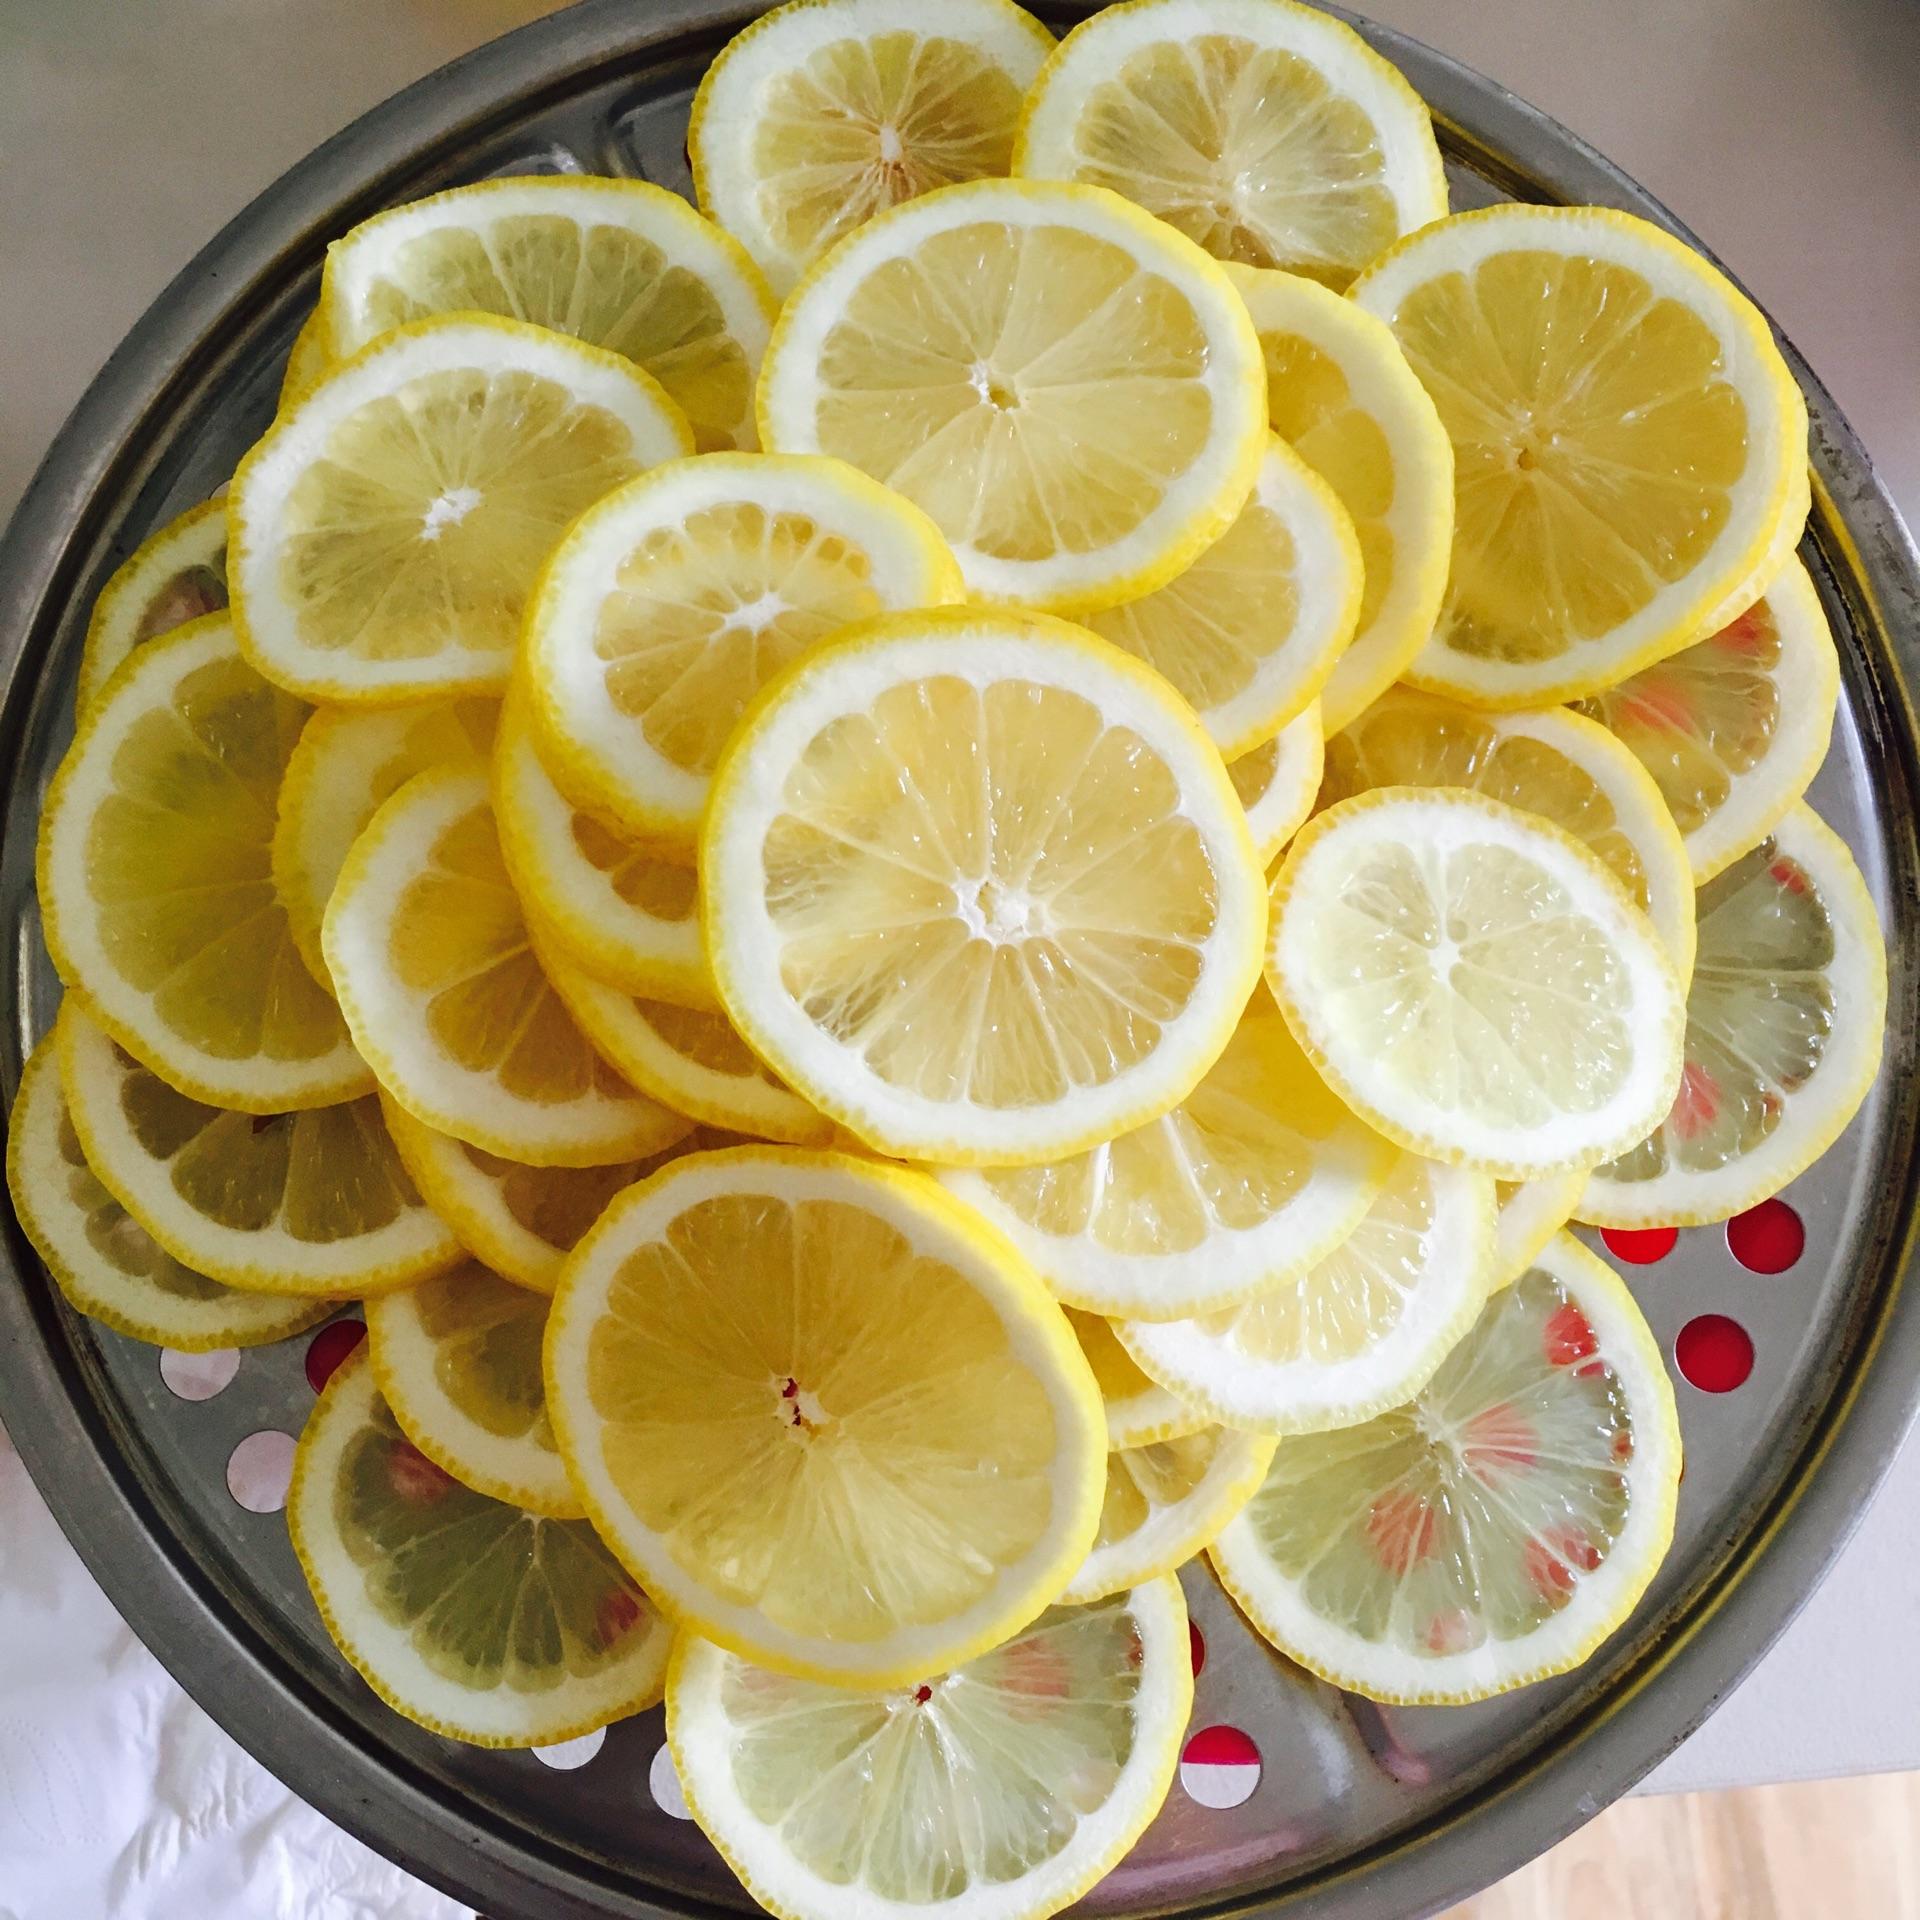 川贝陈皮柠檬膏的做法步骤 4.